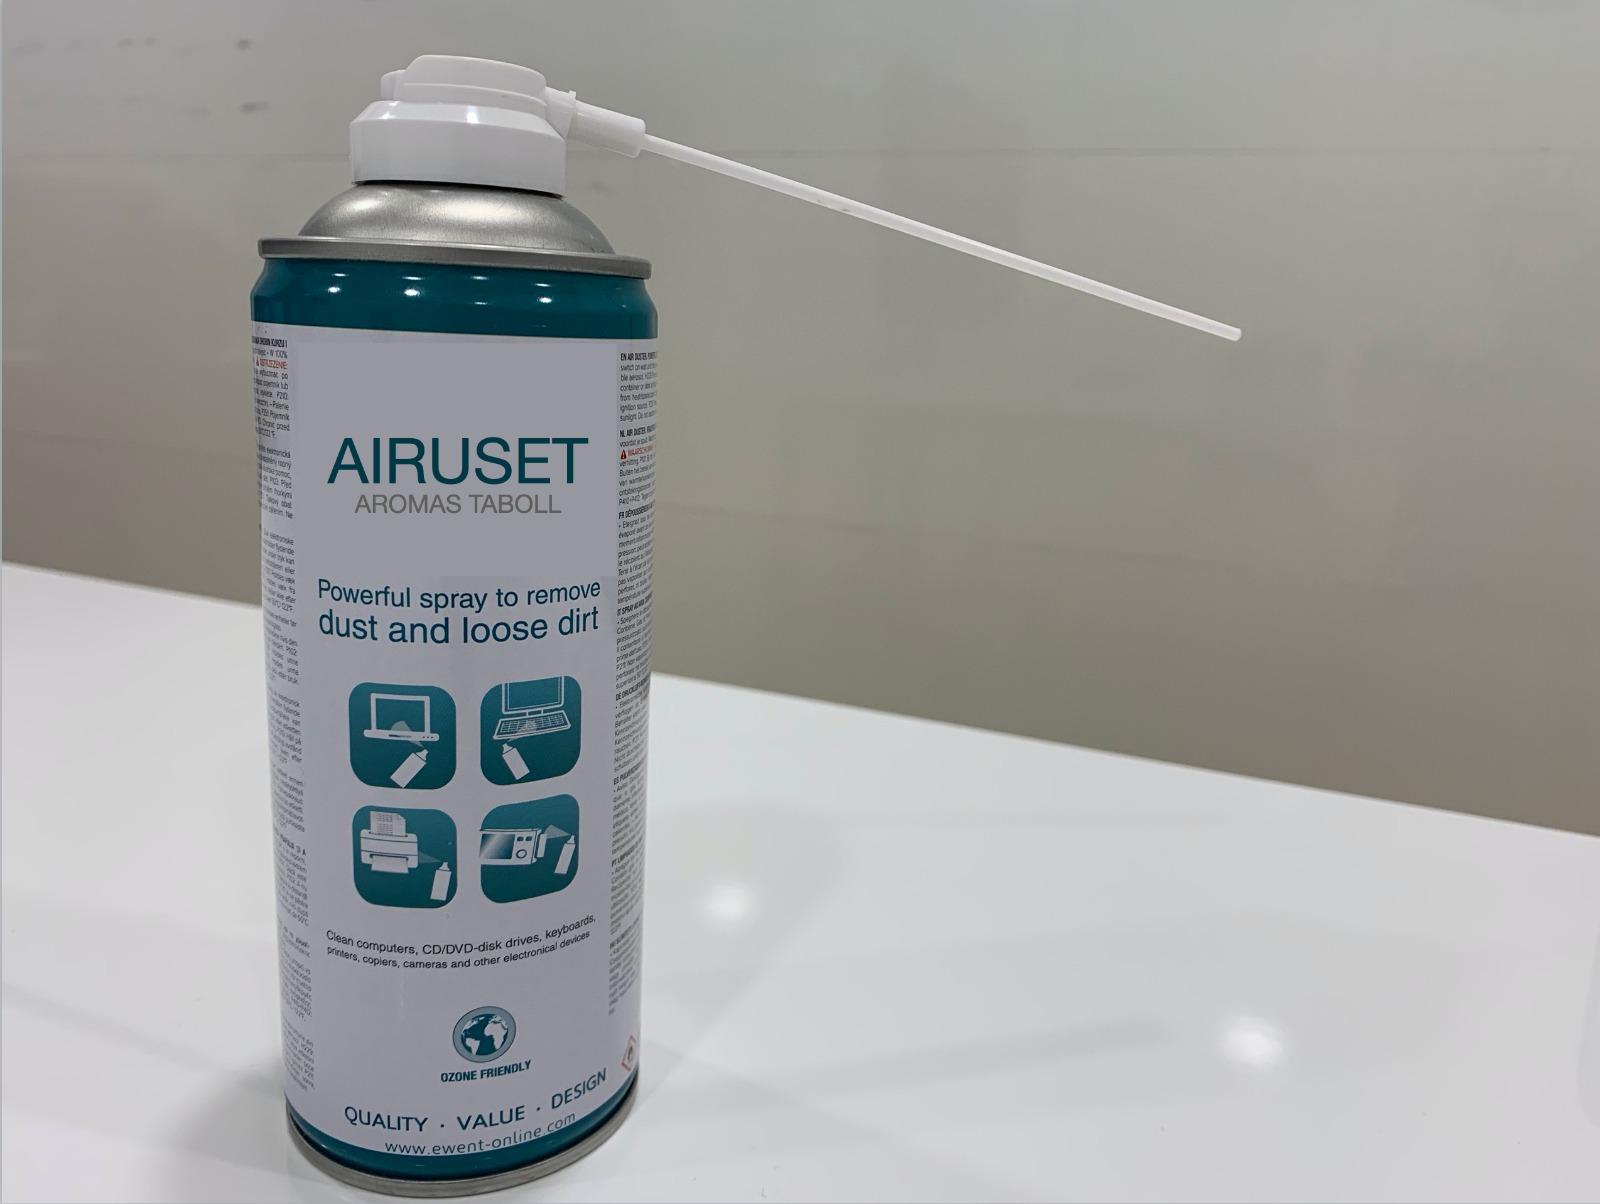 Una empresa alcoyana comercializa airuset con denominación de origen